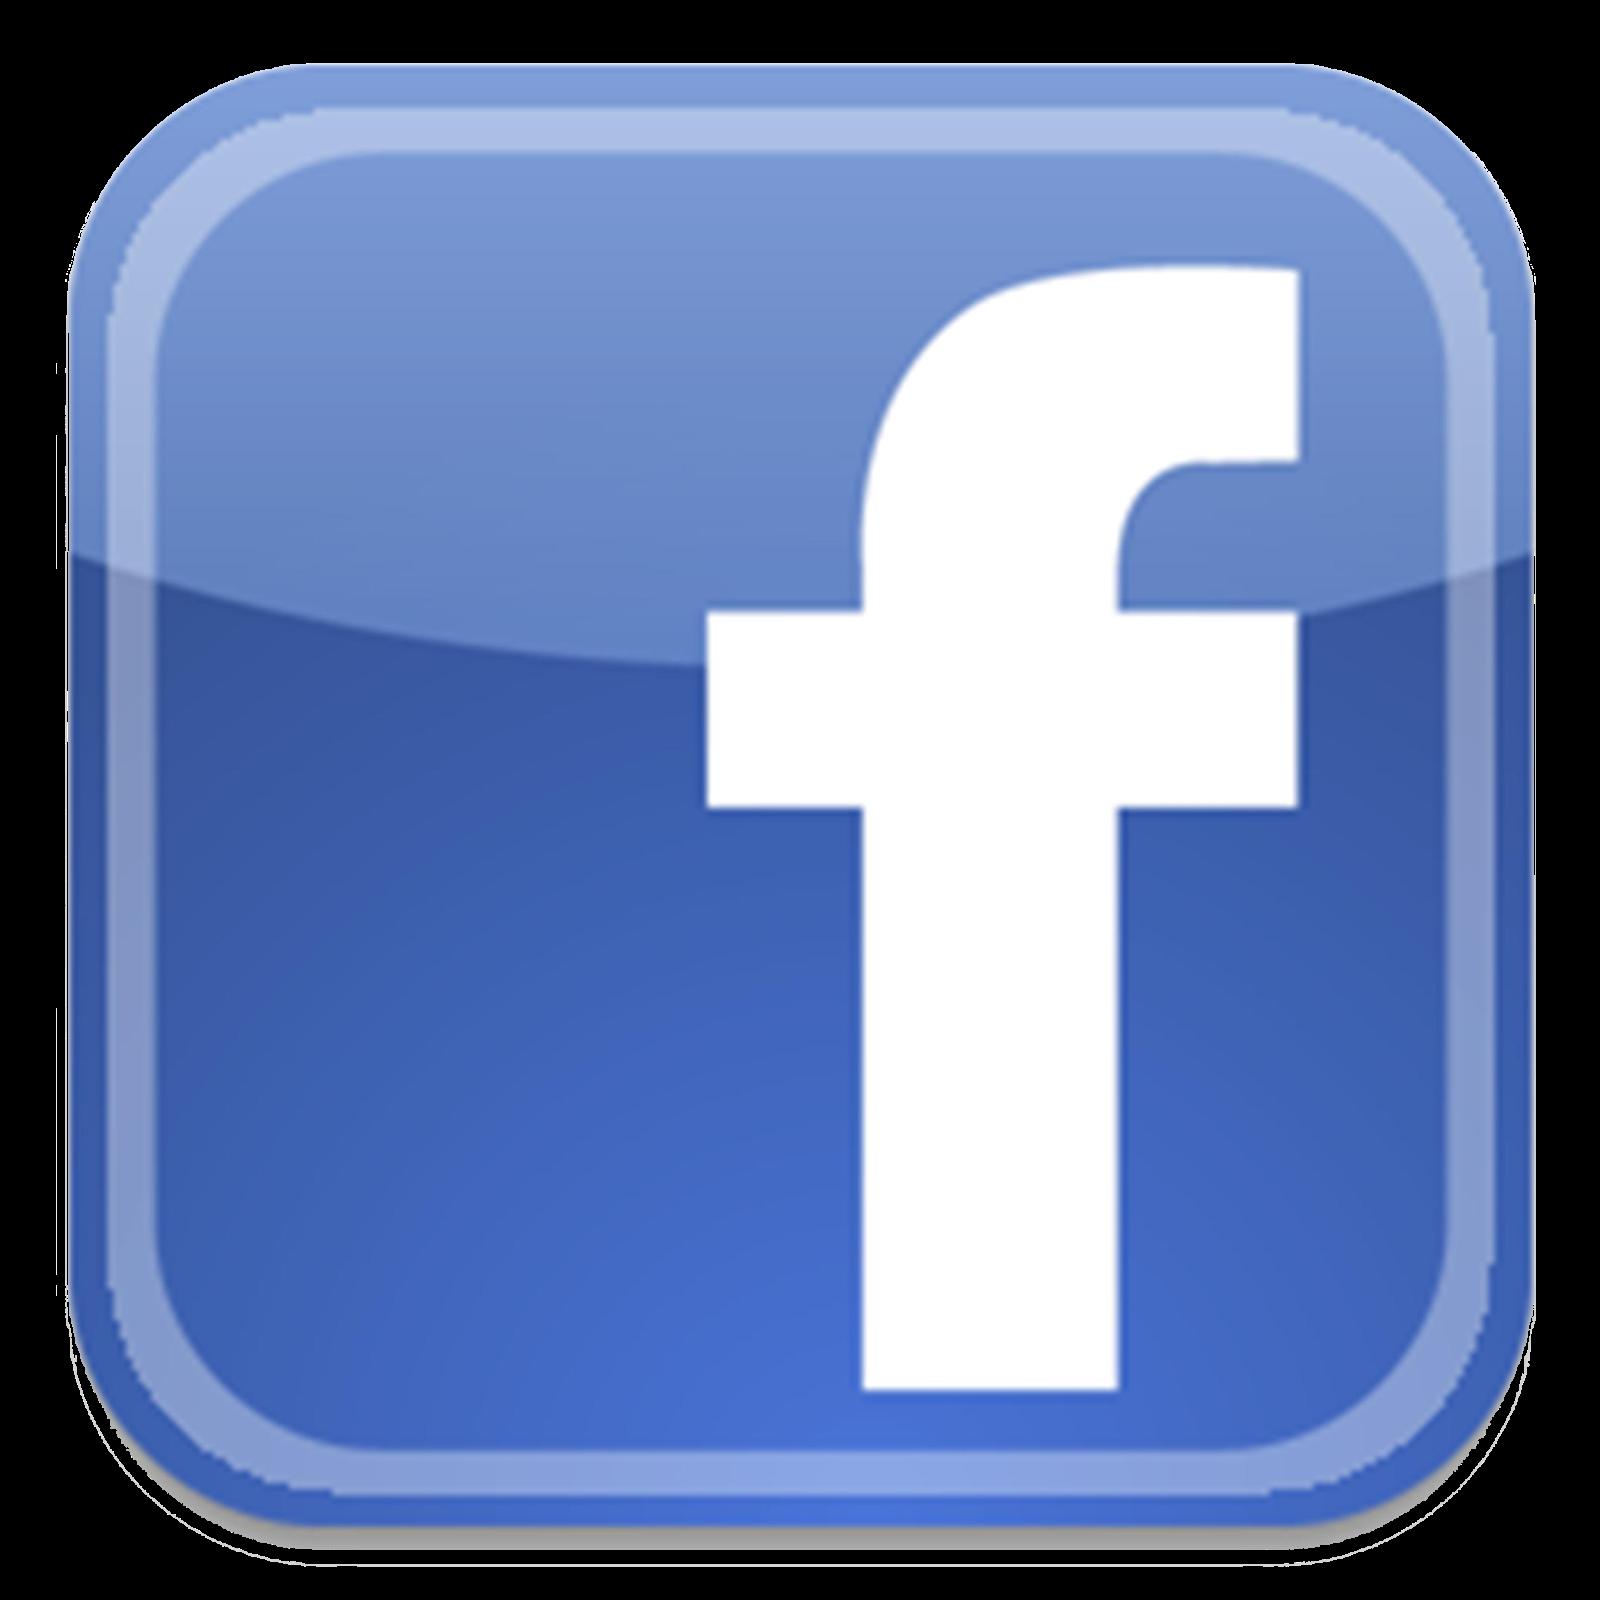 facebook ads image tool n